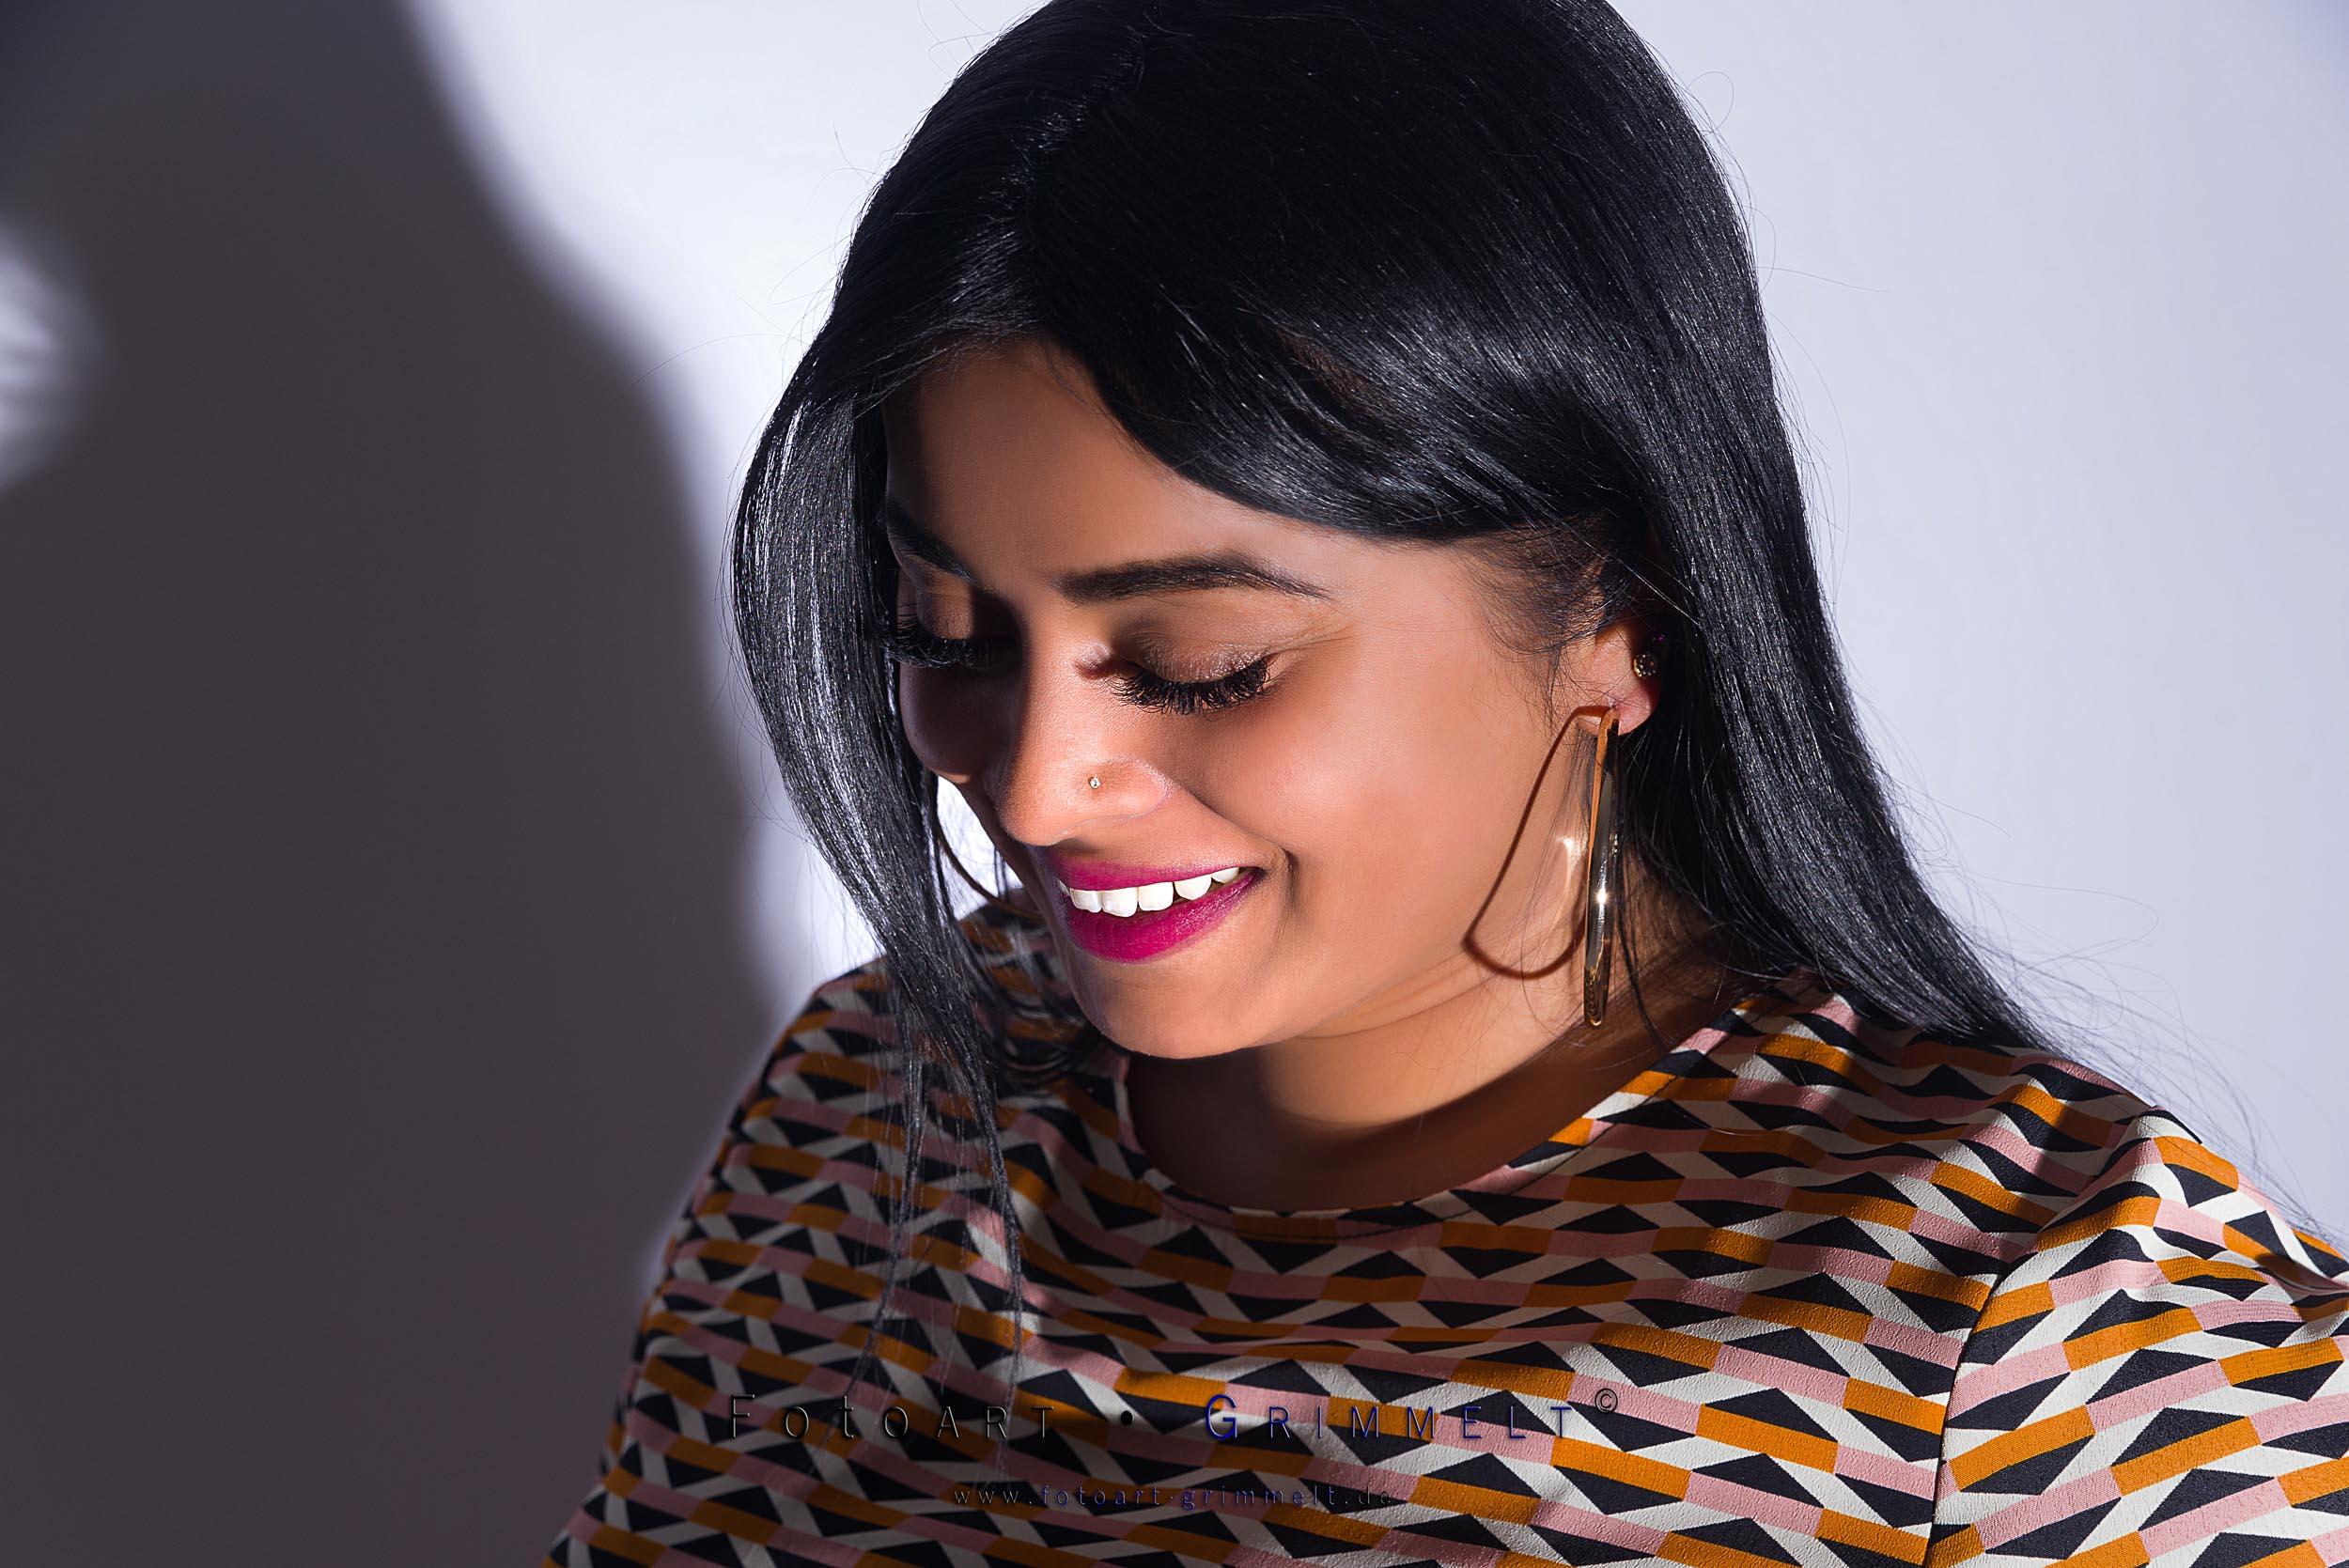 Anjaniya Paschen